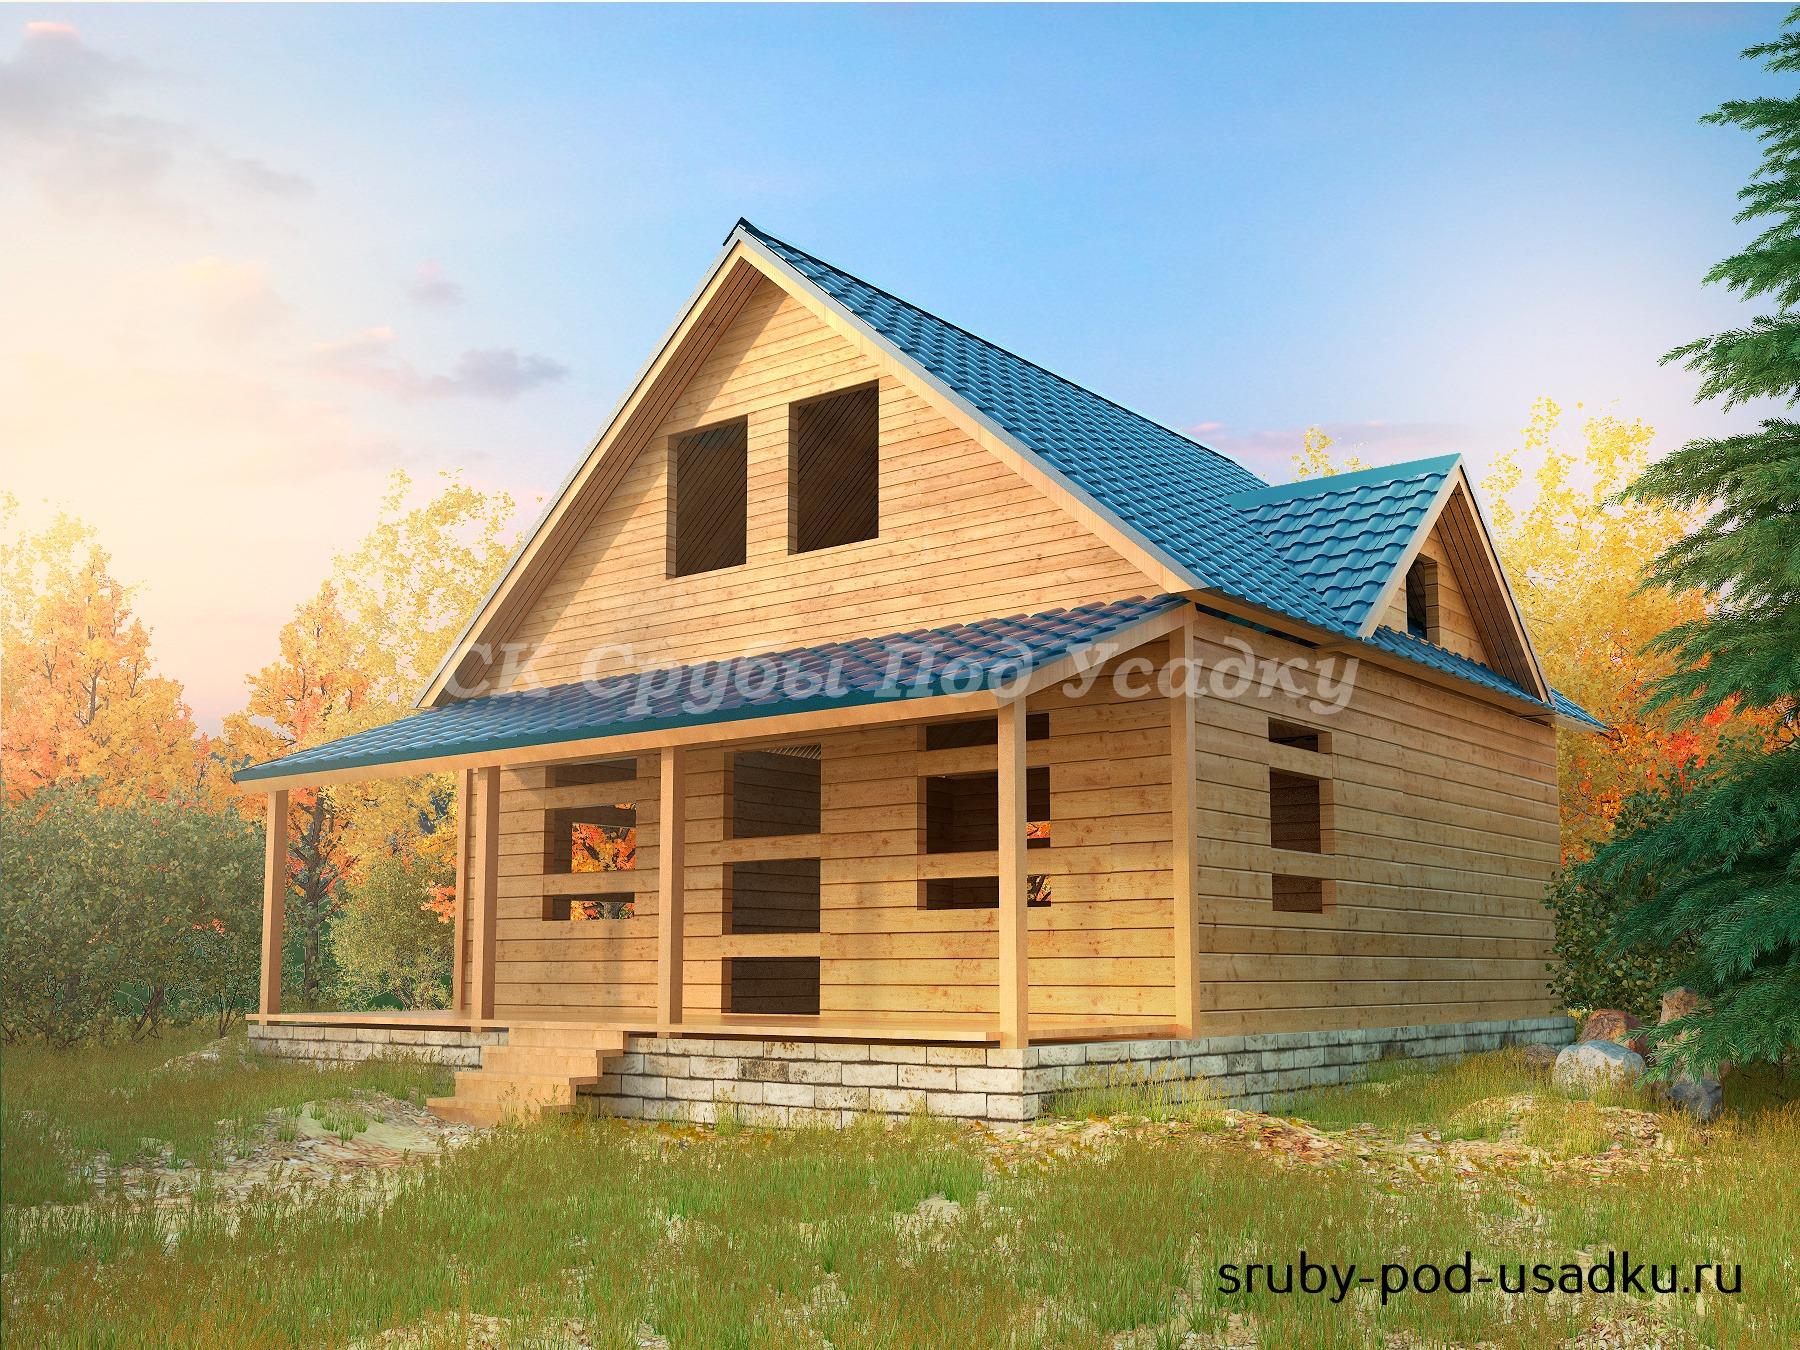 Проекты домов из бруса под усадку